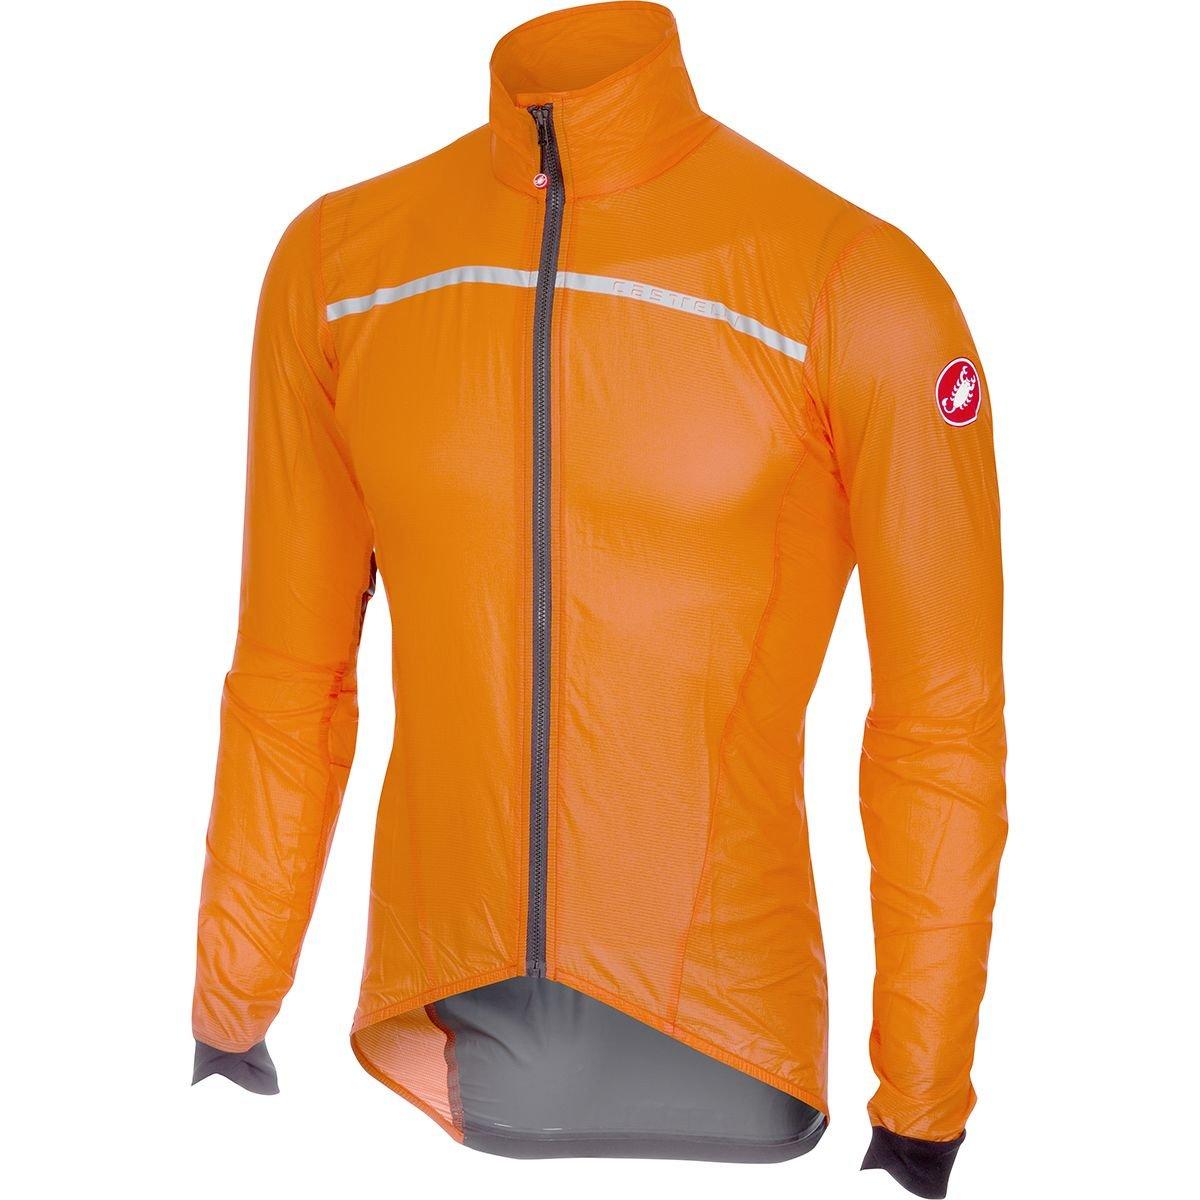 Castelli Superleggera Jacket - Men's Orange, XL